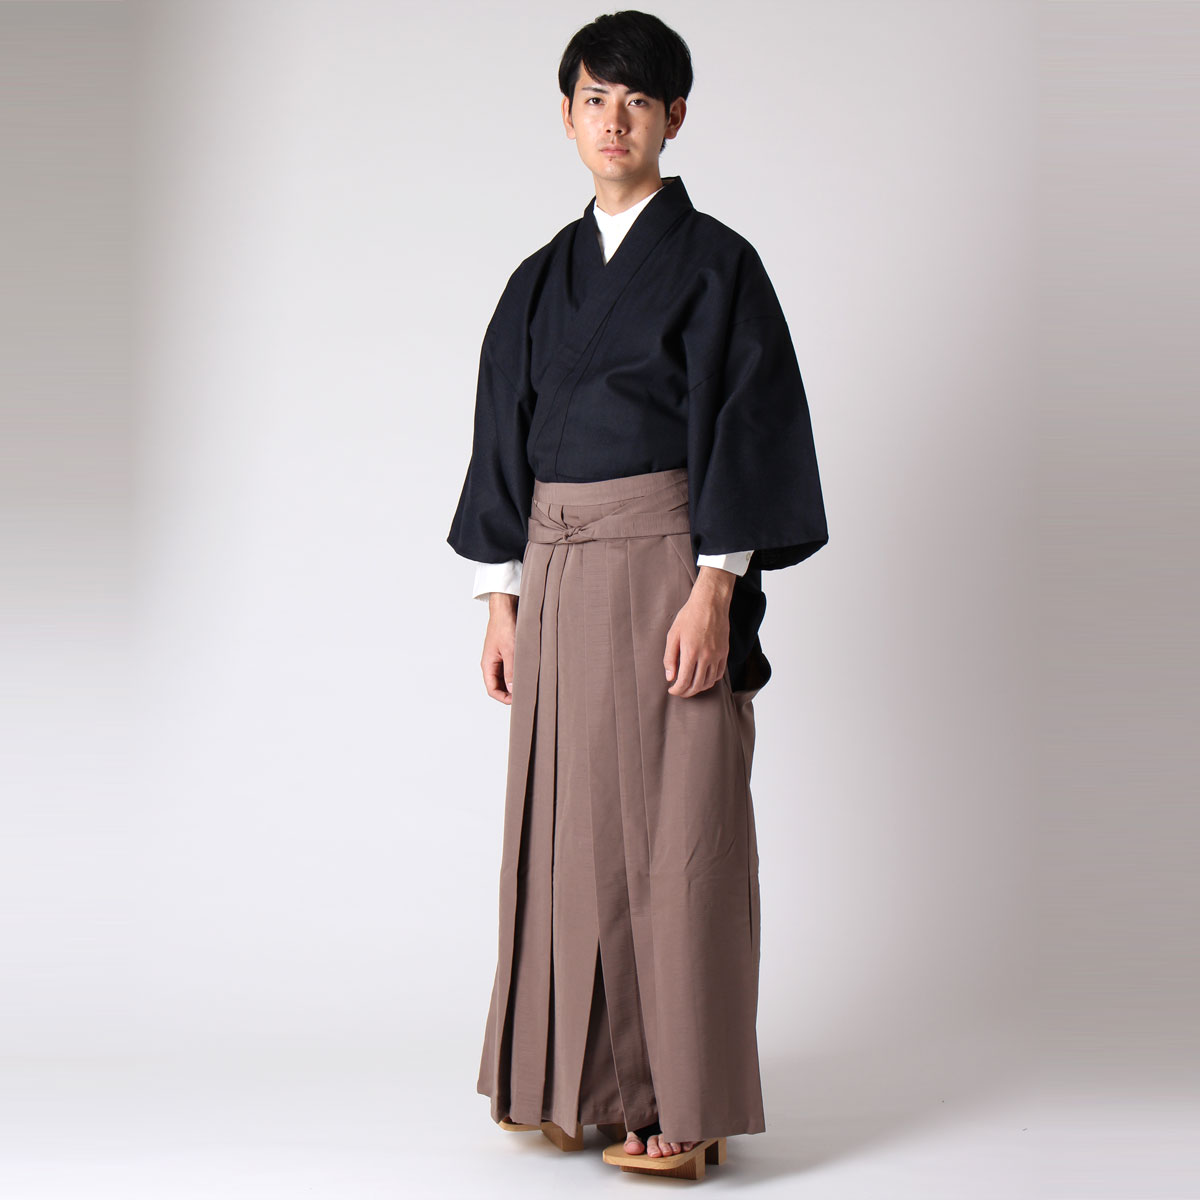 普段着として袴を穿く